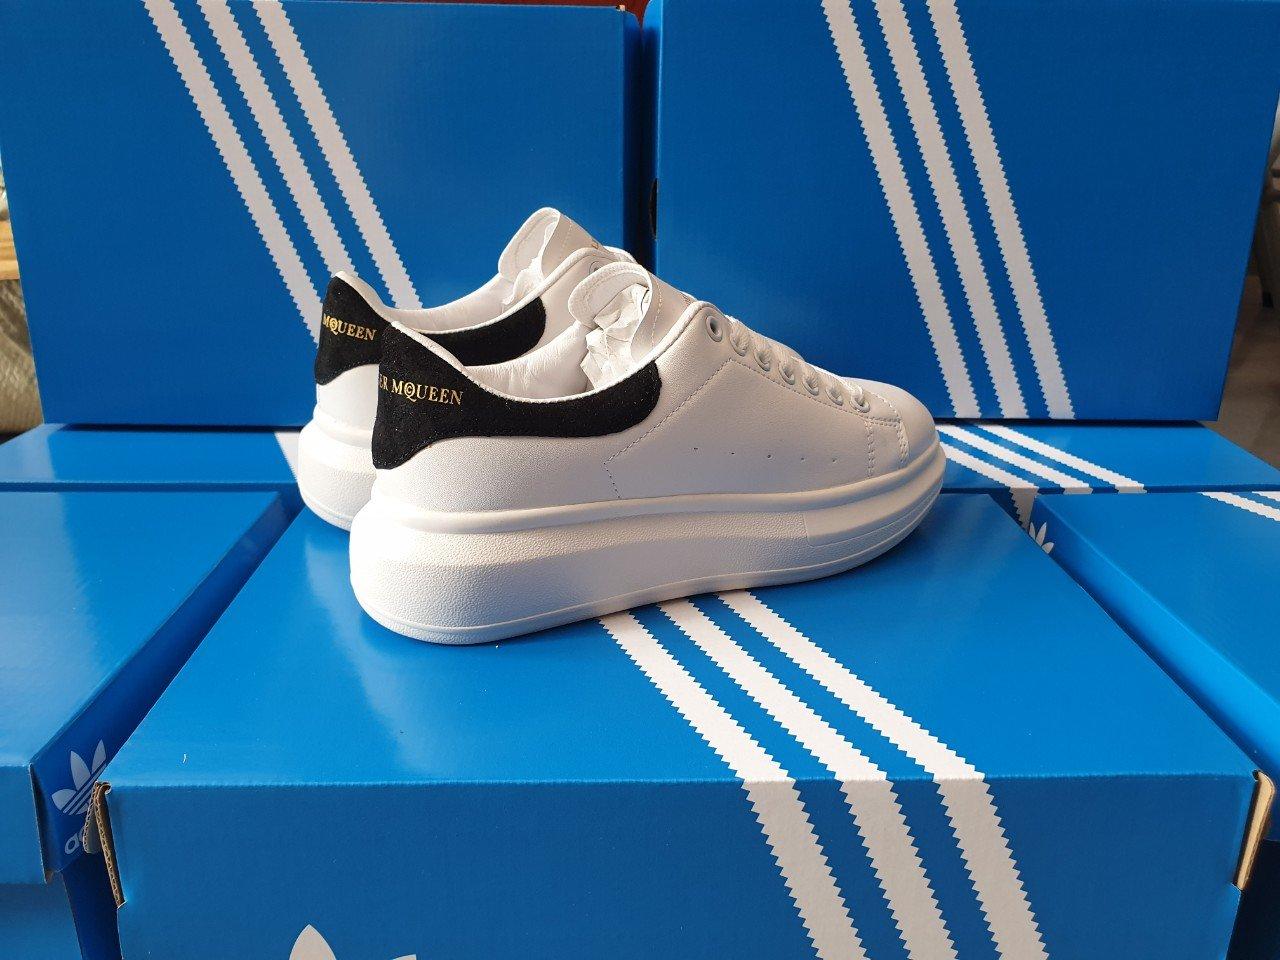 giày mcqueen f1 đen 3